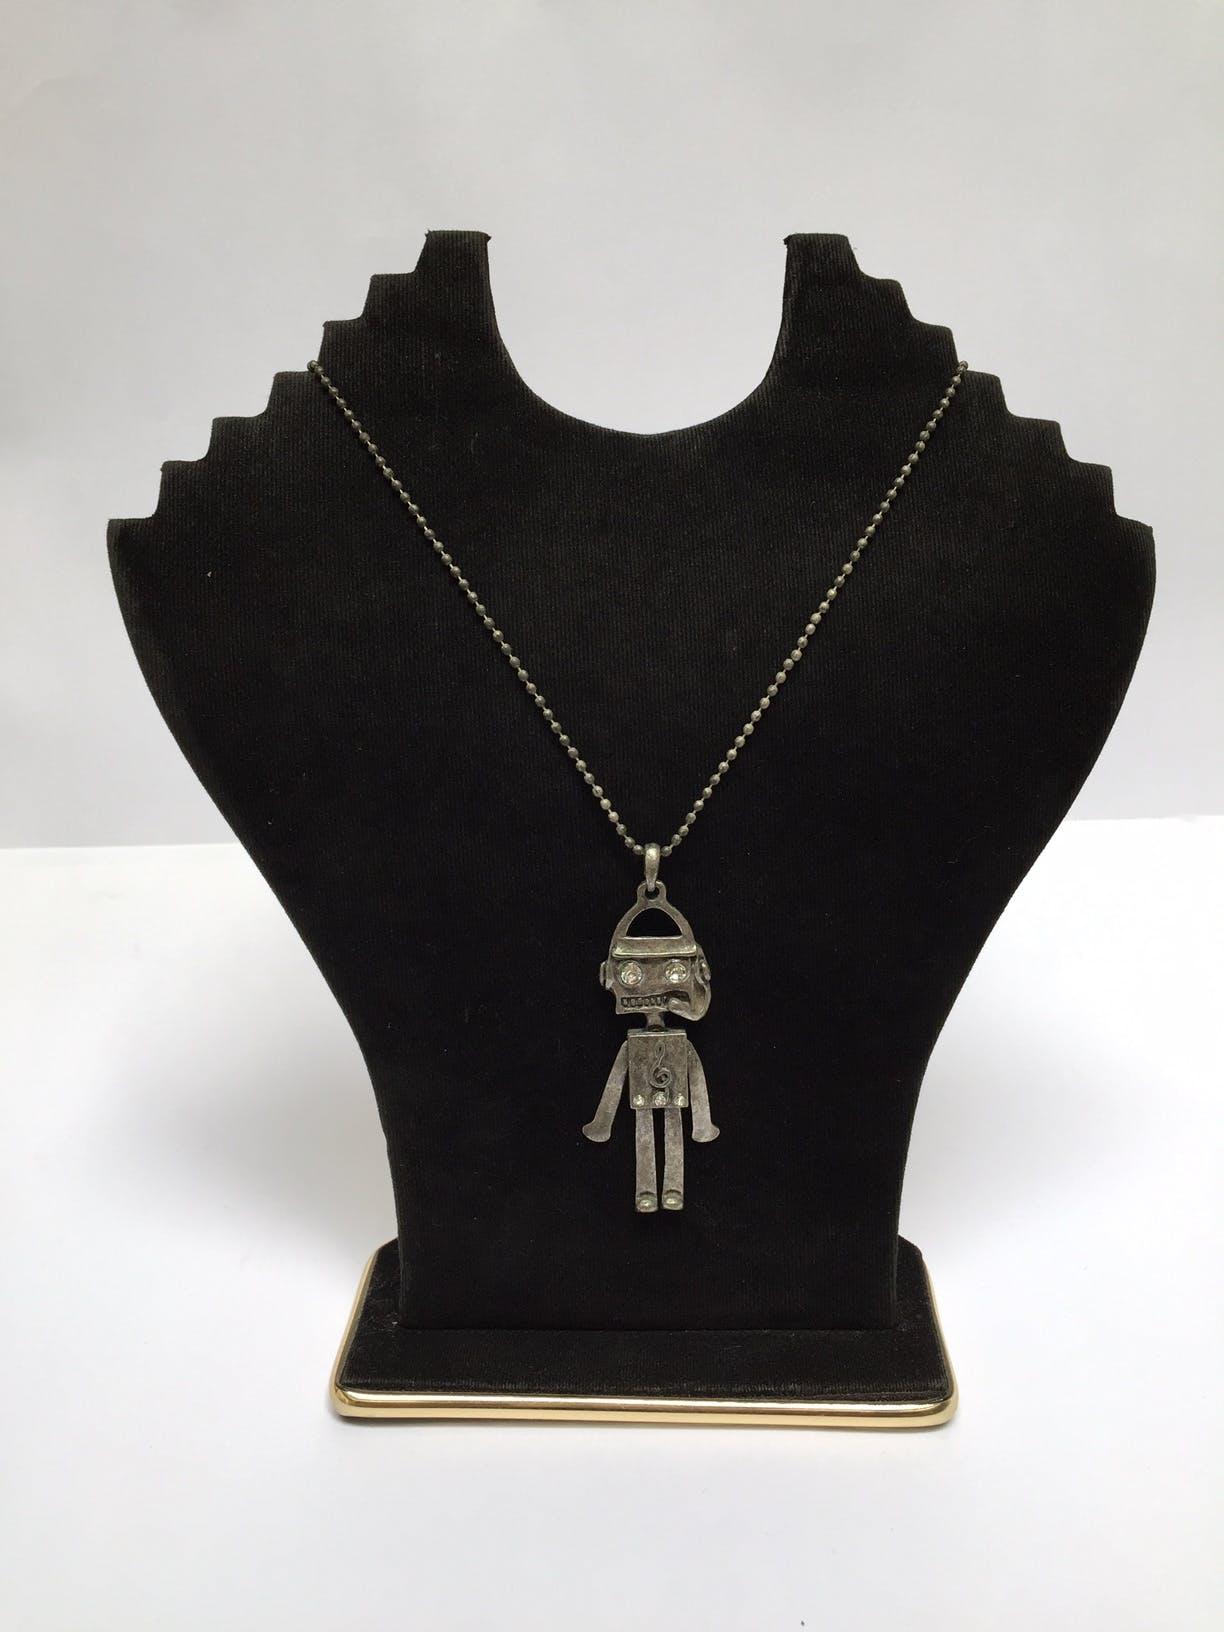 Collar de bolitas plateadas con dije de robot con detalles de incrustaciones tipo diamante en los ojos y pecho Circunferencia: 68 cm Largo de dije: 6,5 cm